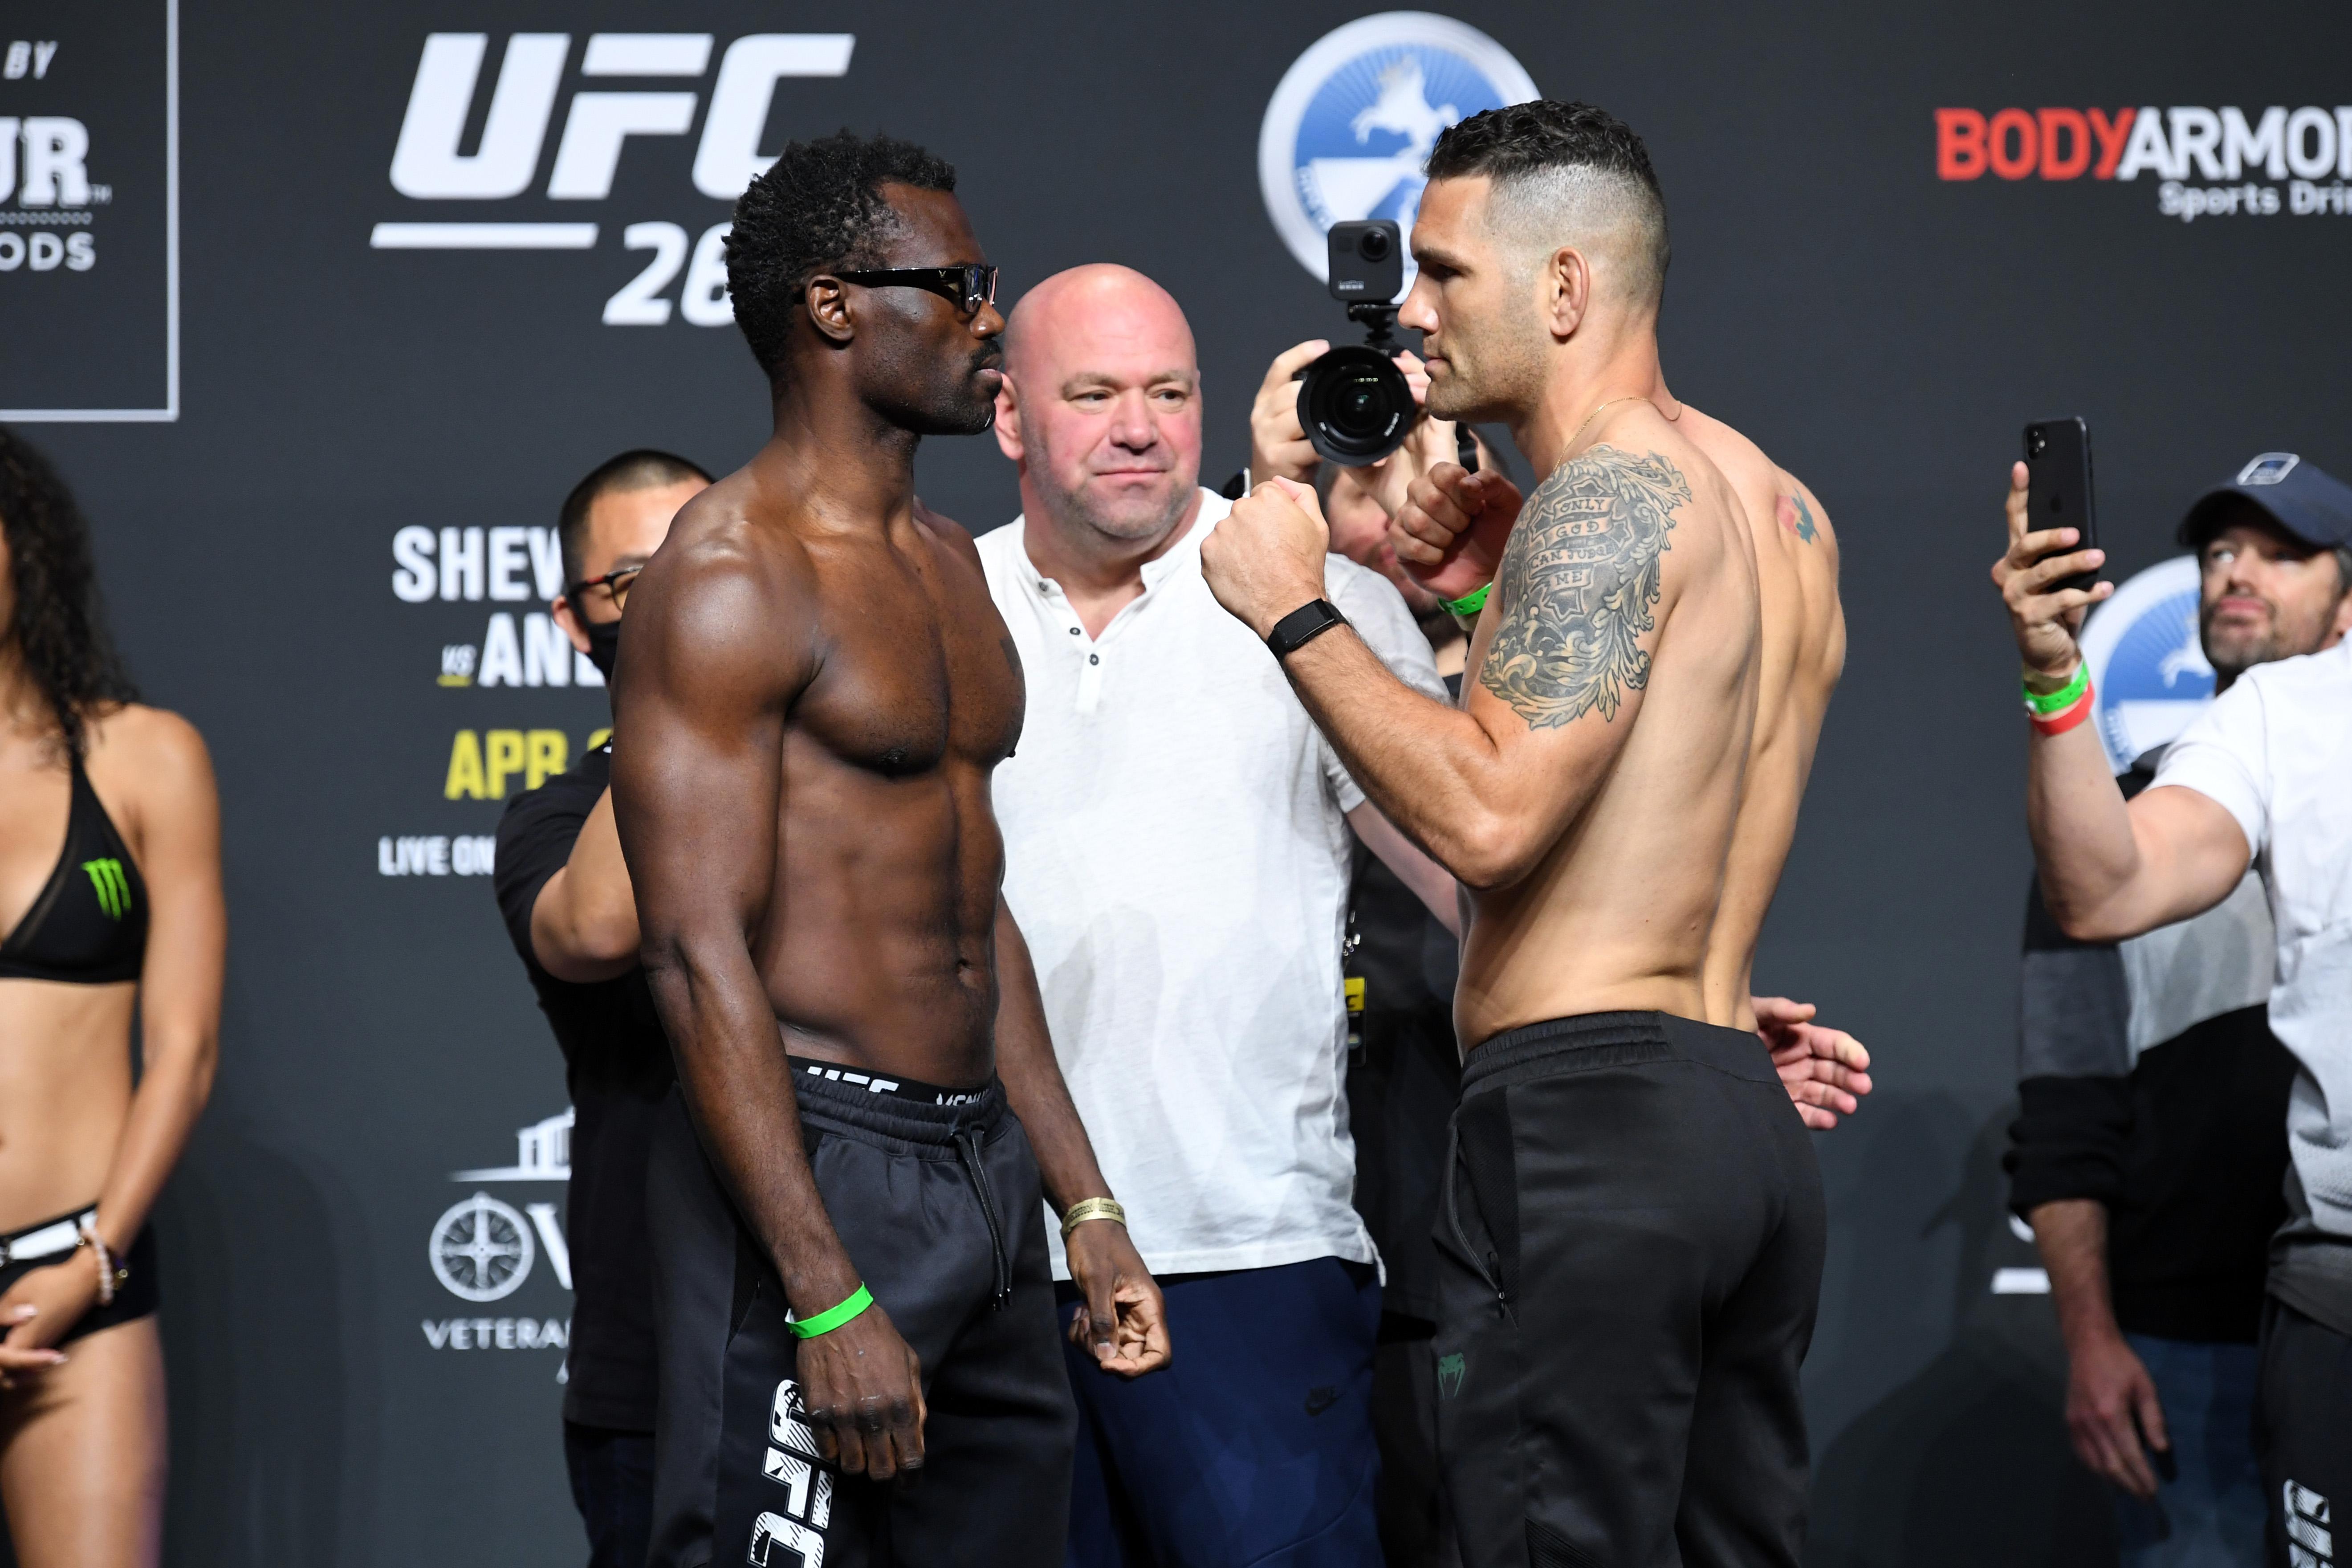 (从左至右)牙买加的尤赖亚·霍尔和克里斯·魏德曼在UFC 261称重仪式上对阵,2021年4月23日,在佛罗里达州杰克逊维尔的VyStar老兵纪念体育场。